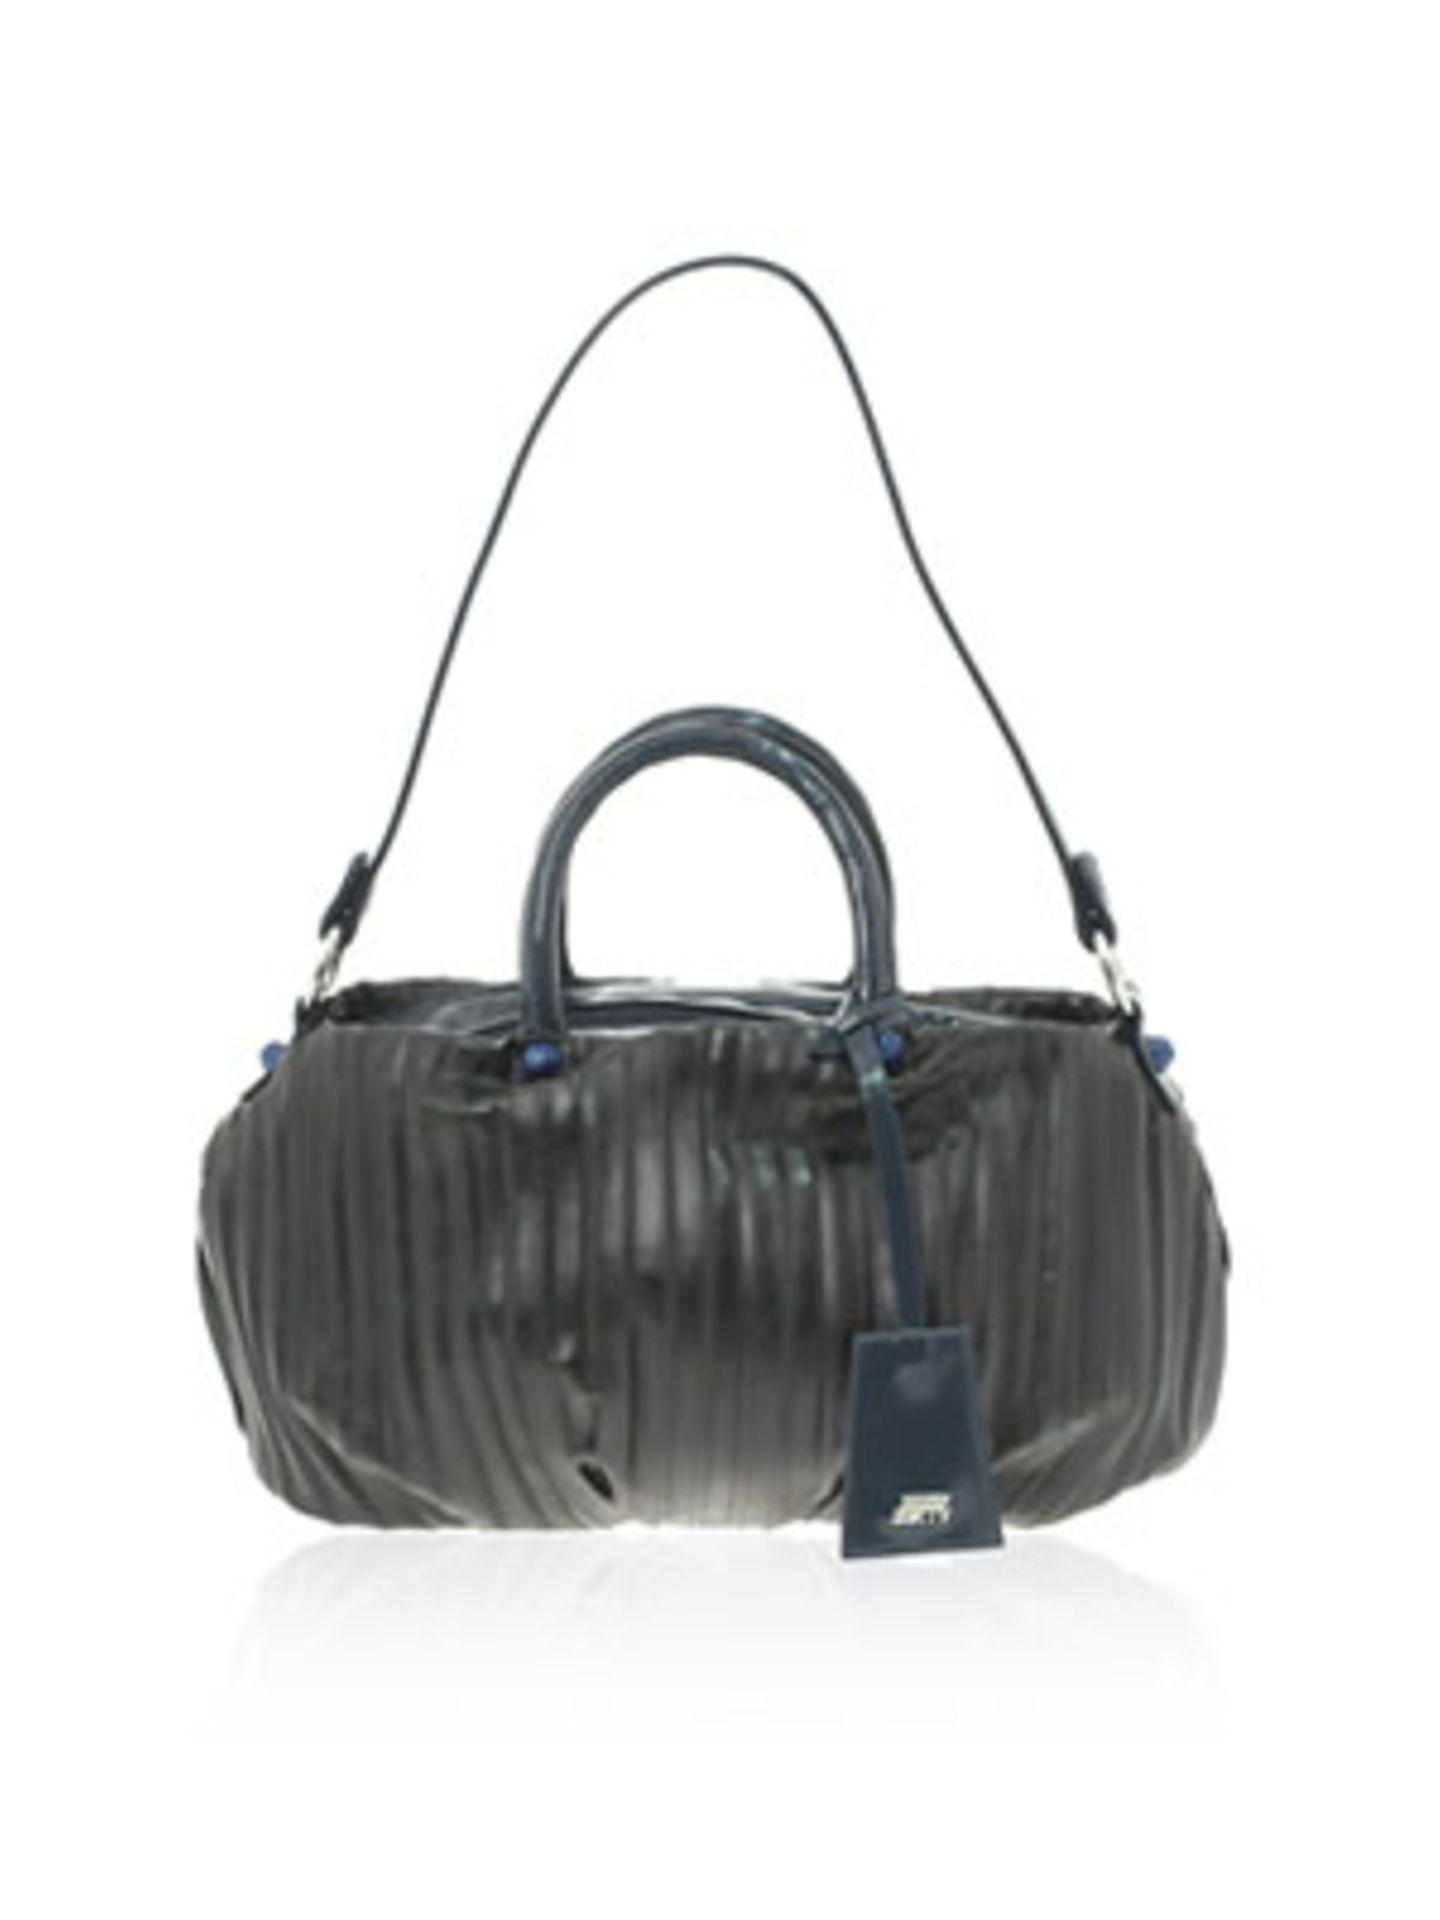 Weekender in Grau mit blauen Details von Miss Sixty, um 65 Euro. Über www.asos.com.